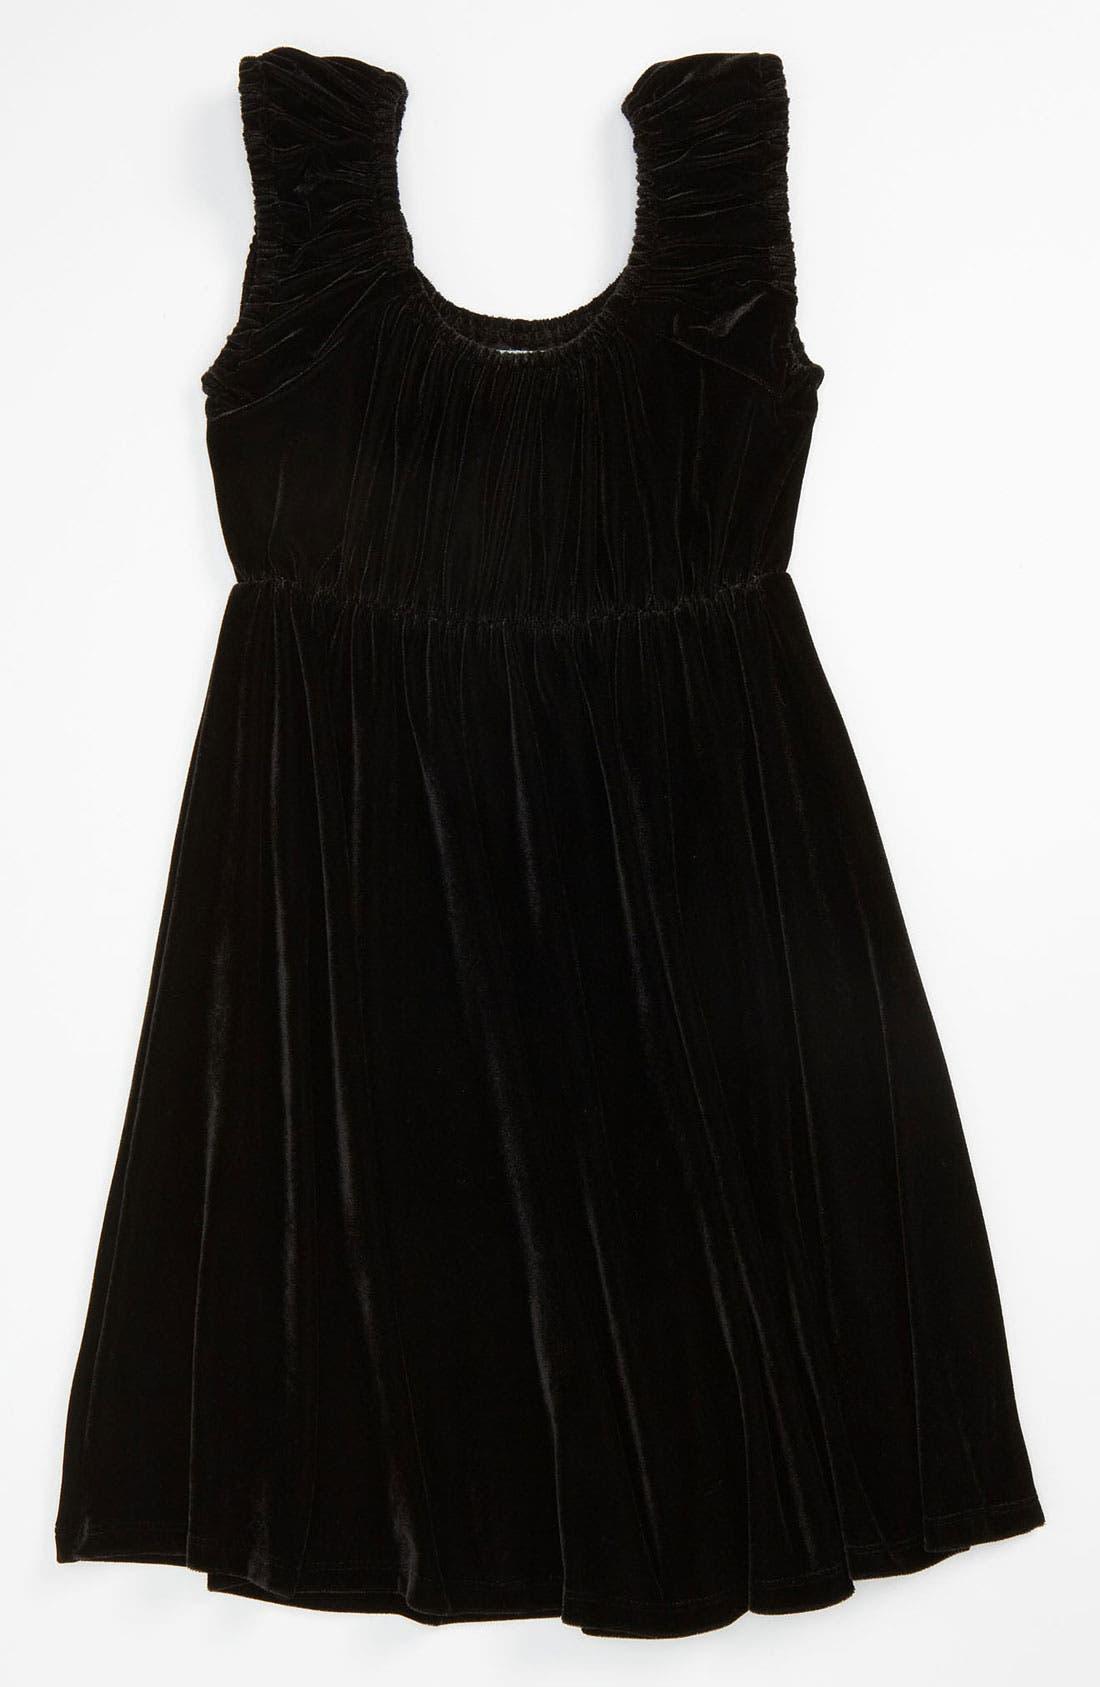 Main Image - Peek 'Kate' Dress (Toddler, Little Girls & Big Girls)